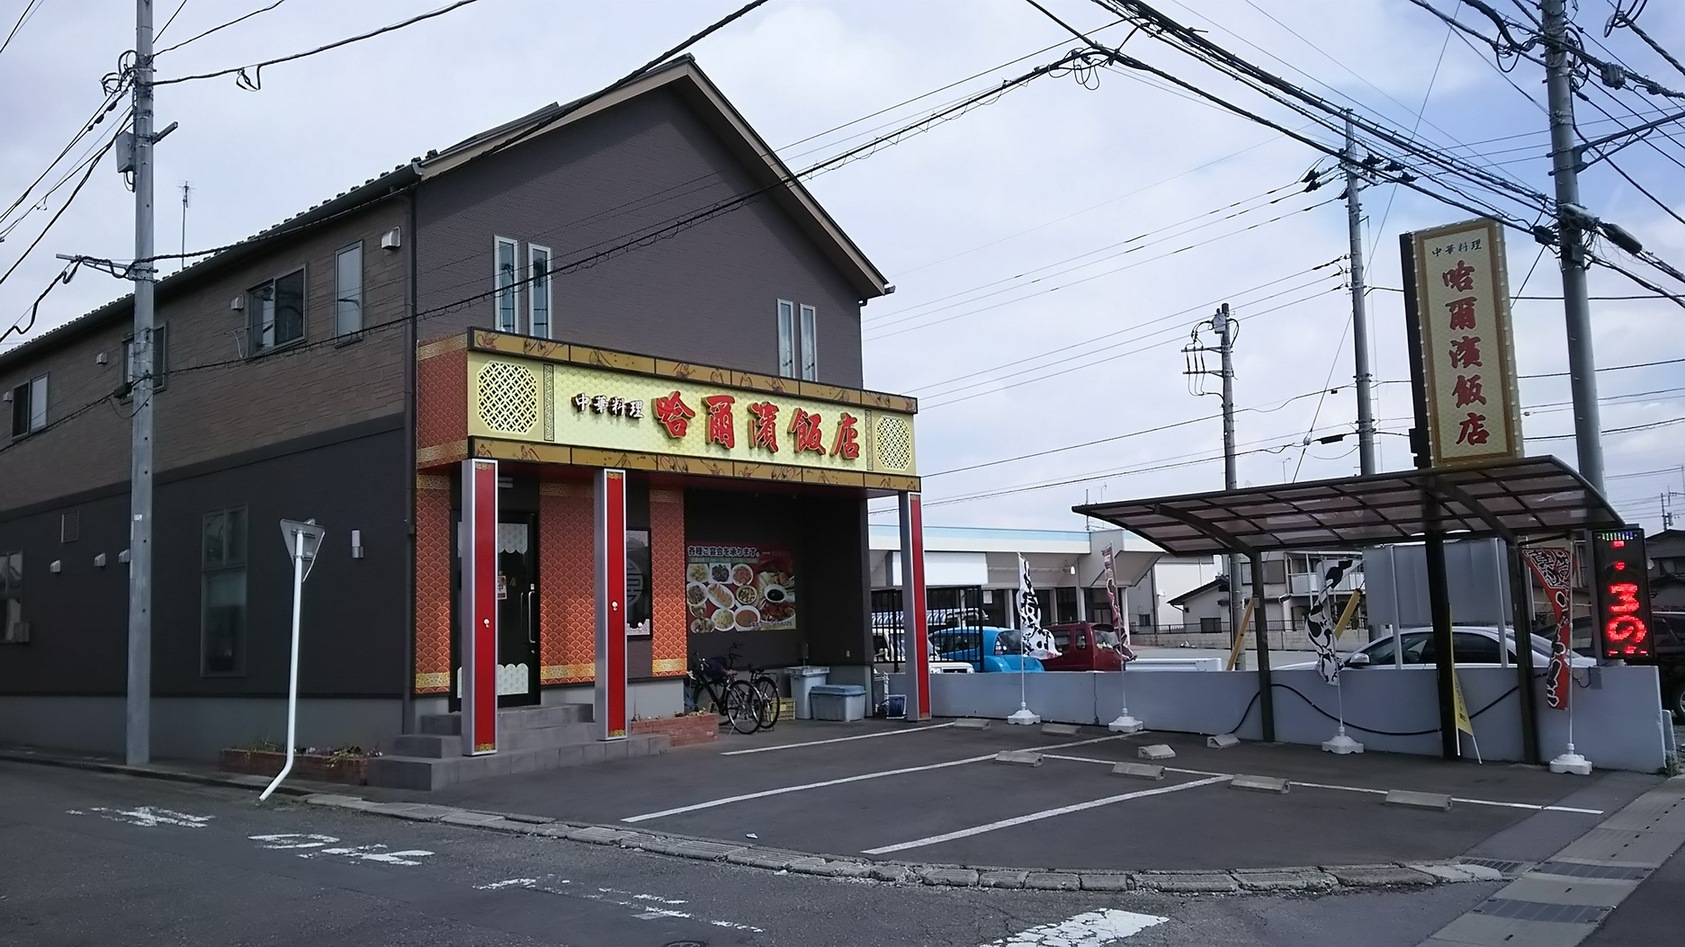 中華料理 ハルビン飯店 兵庫塚店